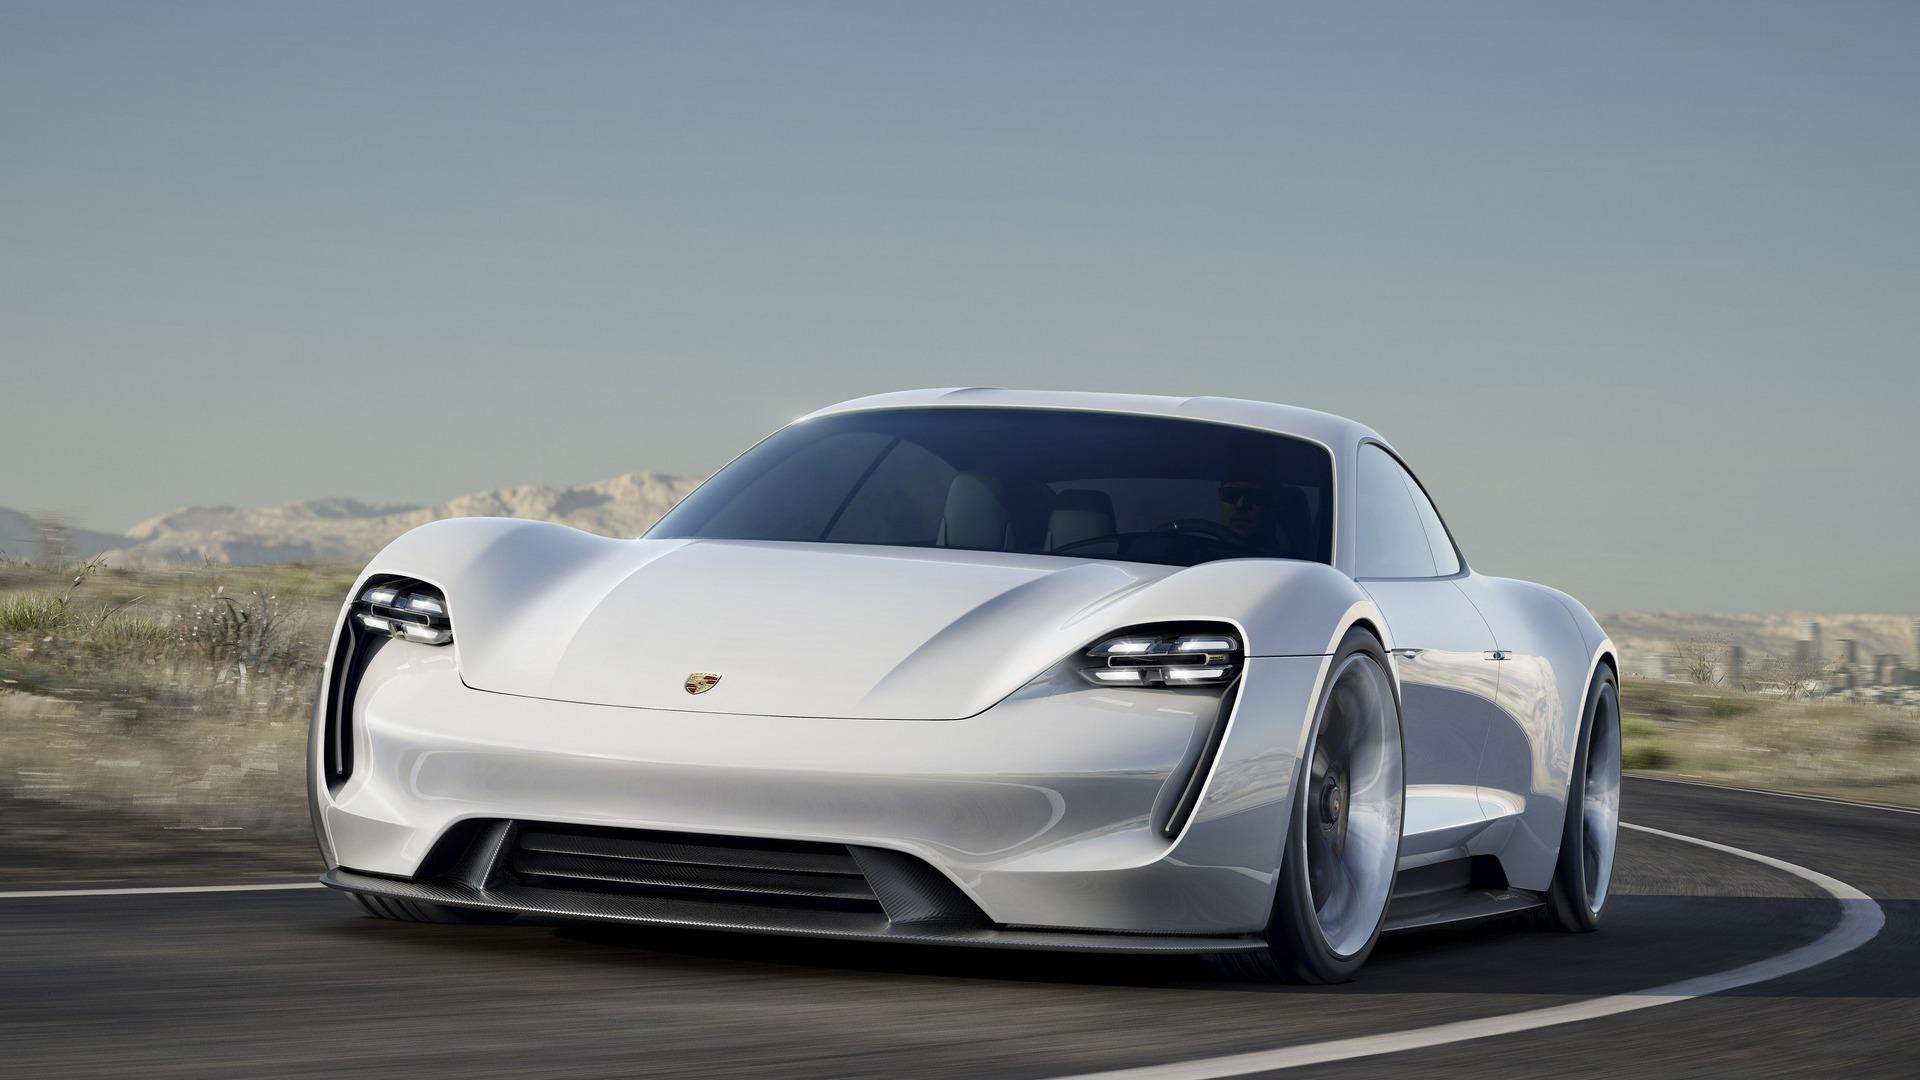 Porsche ima cilj da postavi standarde u oblasti električne mobilnosti